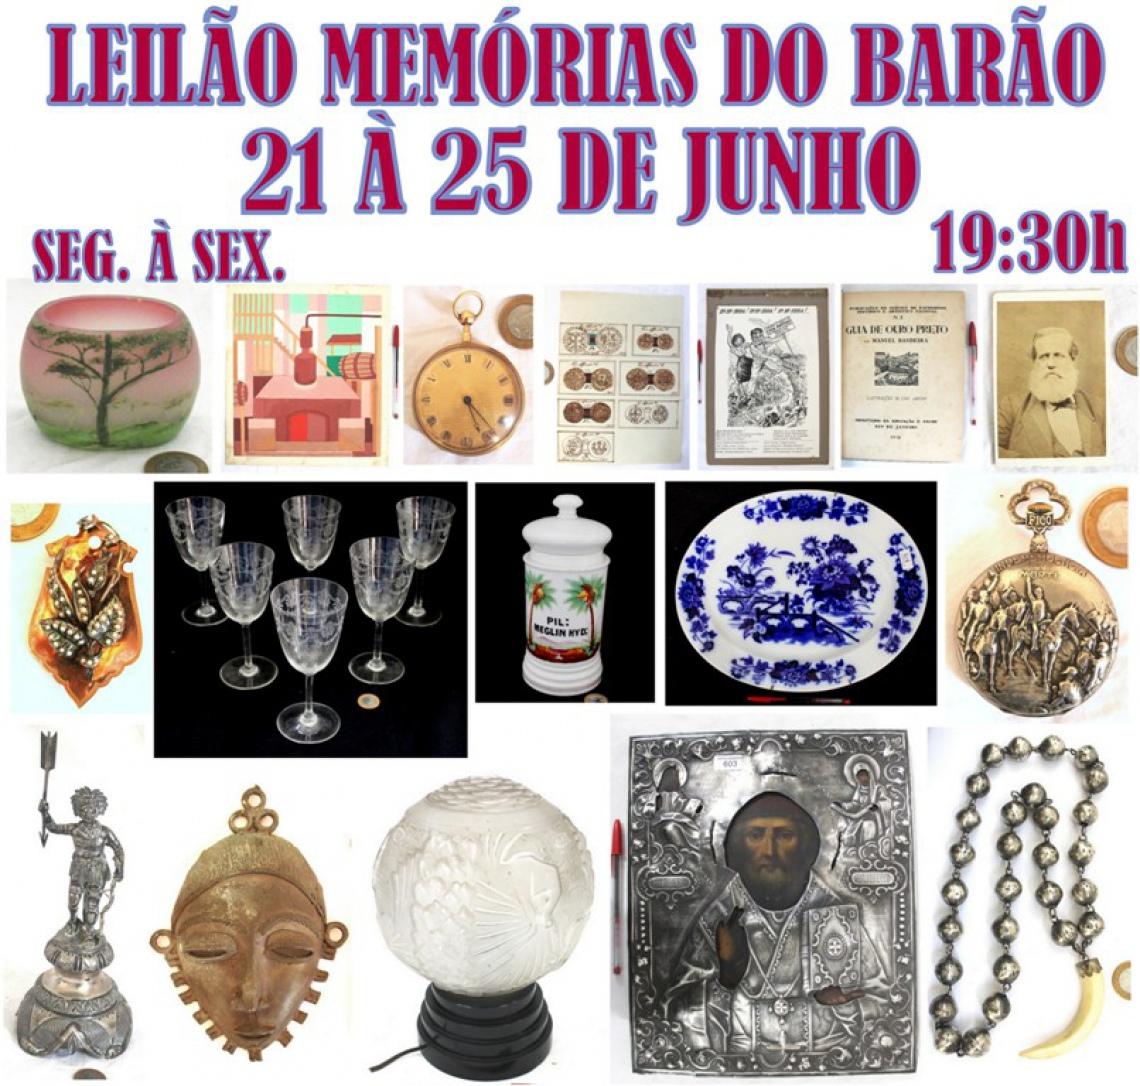 LEILÃO MEMÓRIAS DO BARÃO